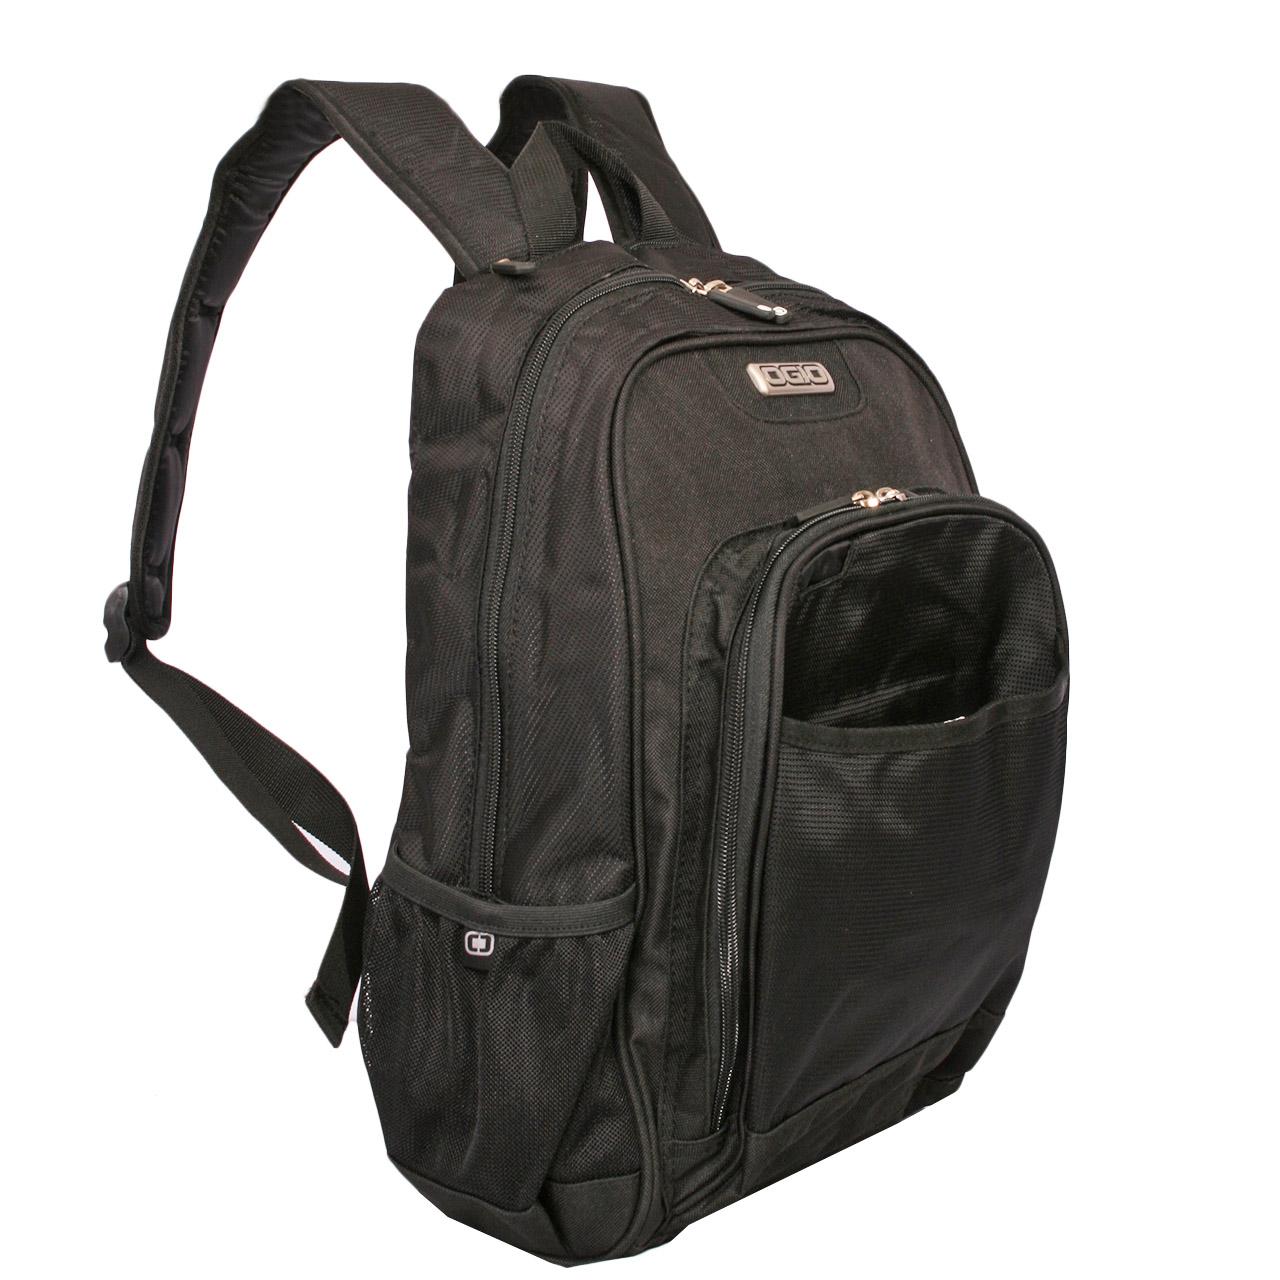 کوله پشتی لپ تاپ اوجیو مدل CHAMACO BLACK.03 مناسب برای لپ تاپ 15 اینچی